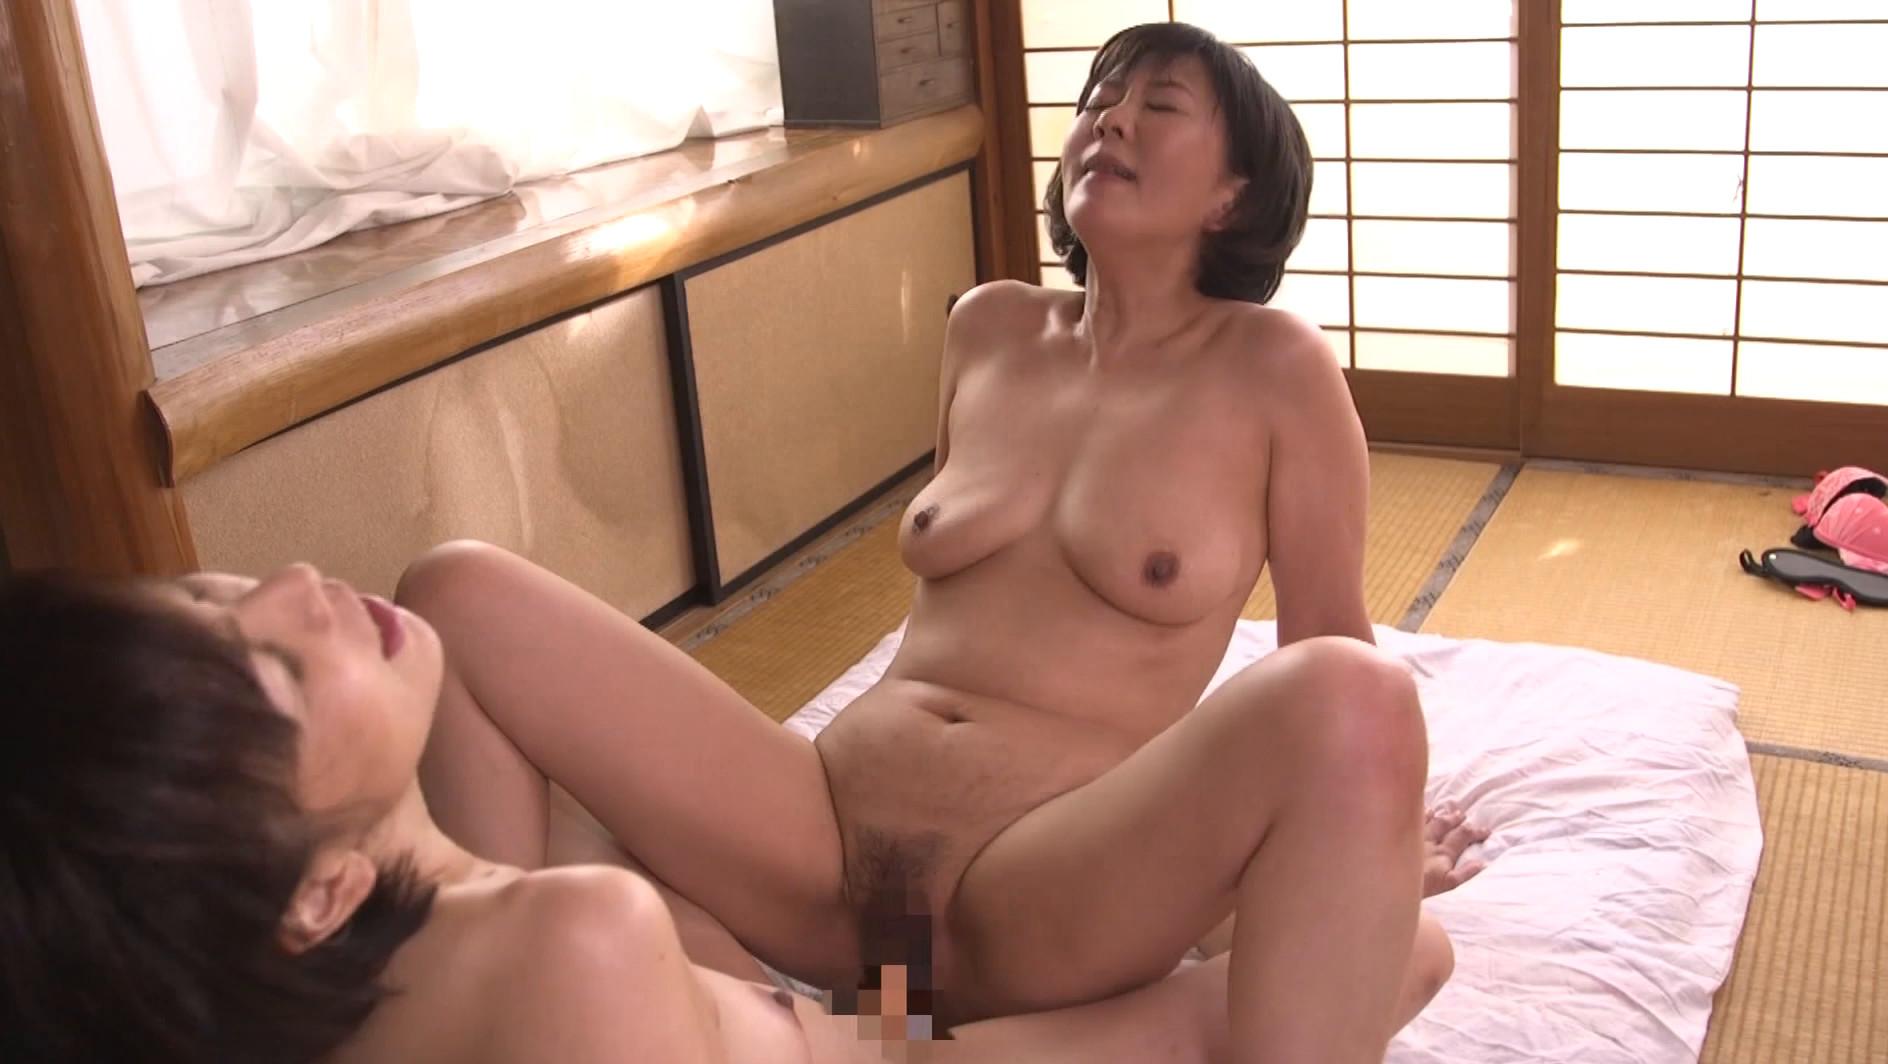 五十路レズビアン 美熟女たちの饗宴 絡み合う舌先と完熟マ●コ濃密性交,のサンプル画像20